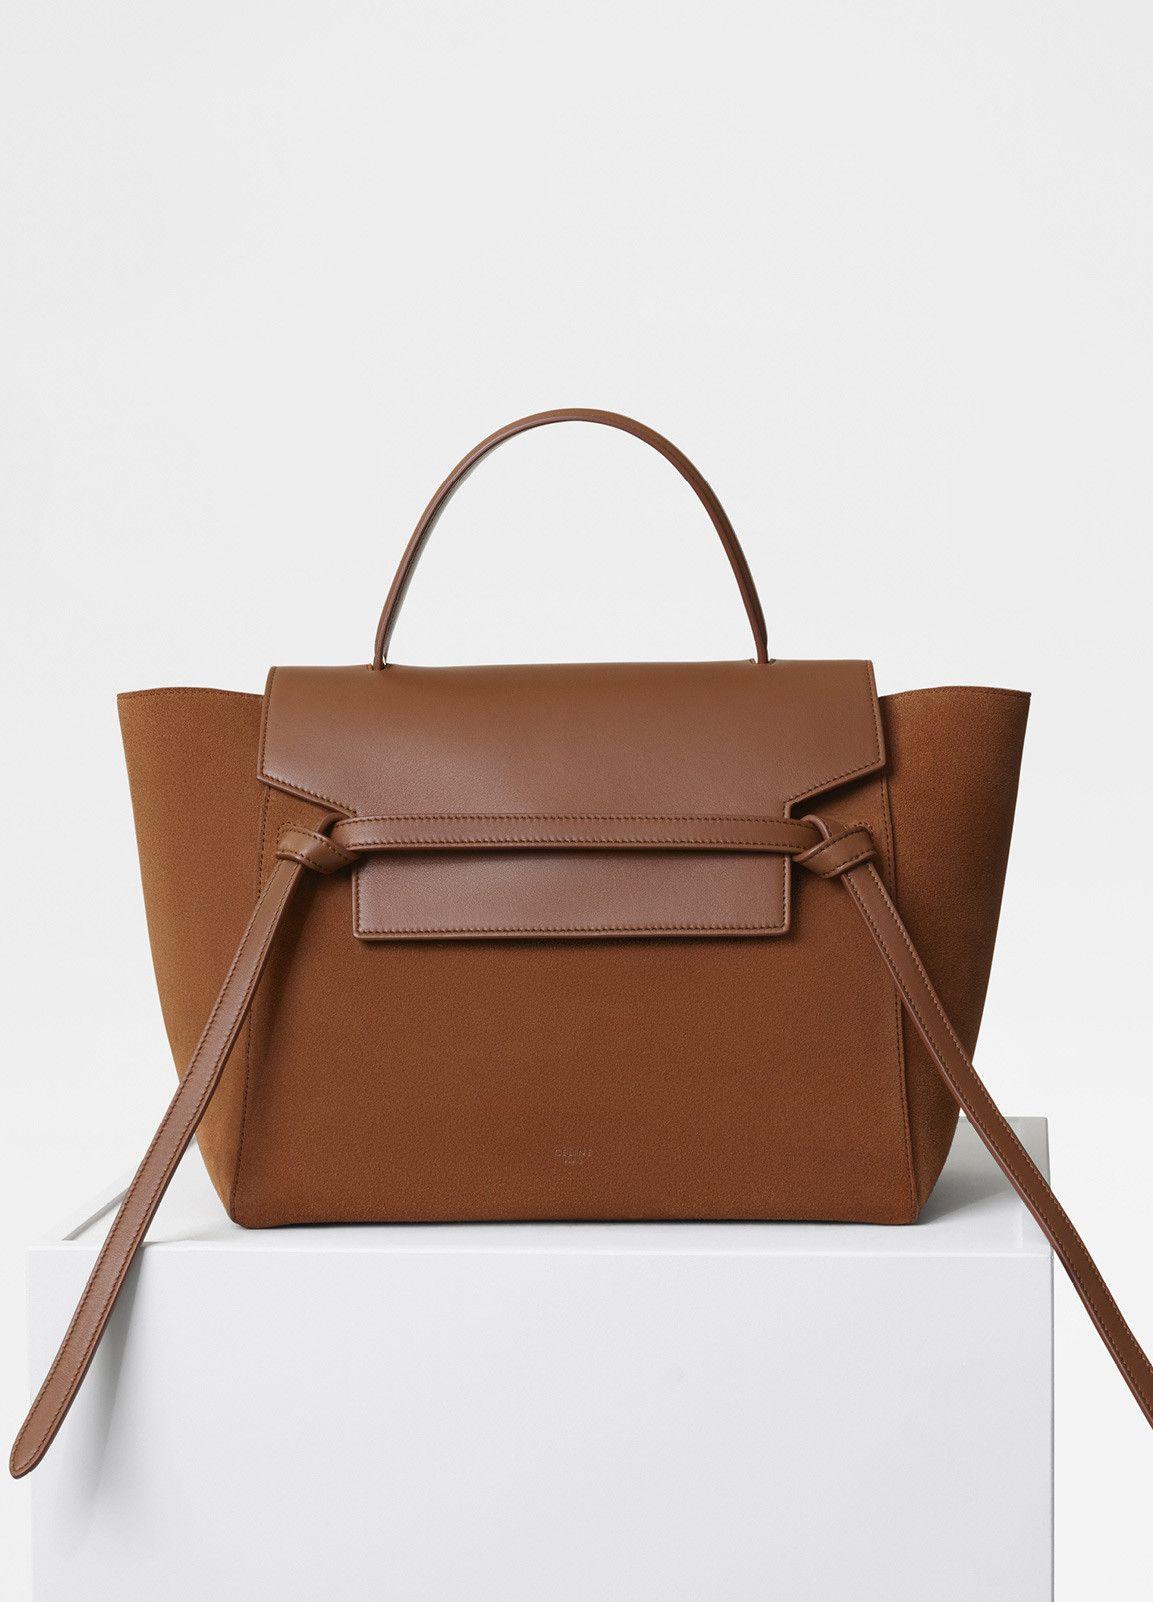 Celine Tan Suede Mini Belt Bag   Bags in 2019   Pinterest   Bags ... 62d4fddaf9